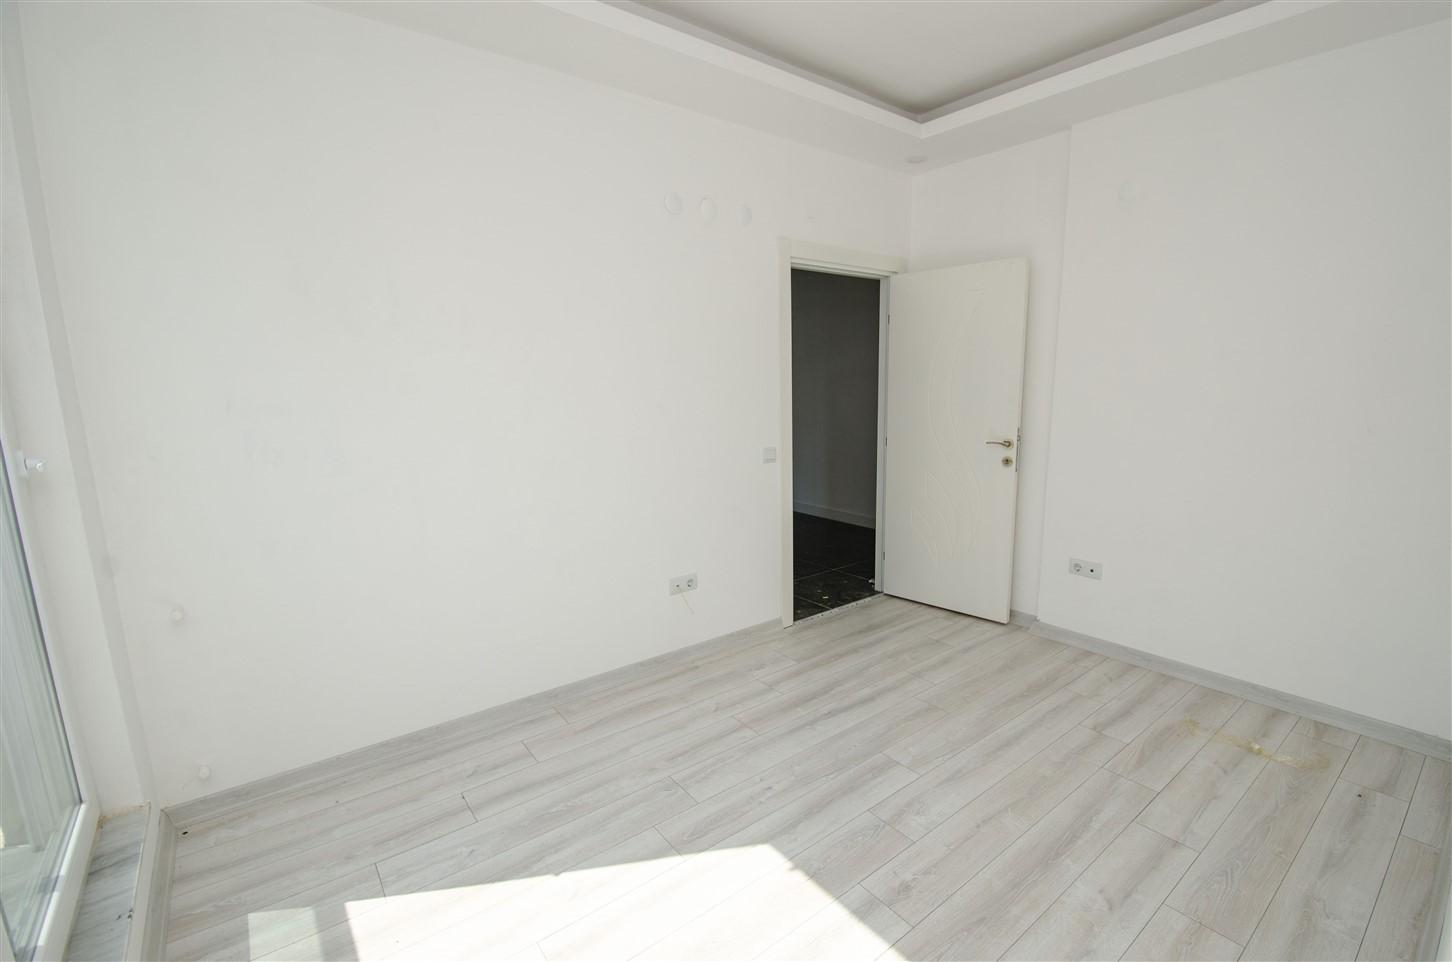 Квартиры в новом комплексе в районе Хурма Коньяалты Анталия - Фото 45